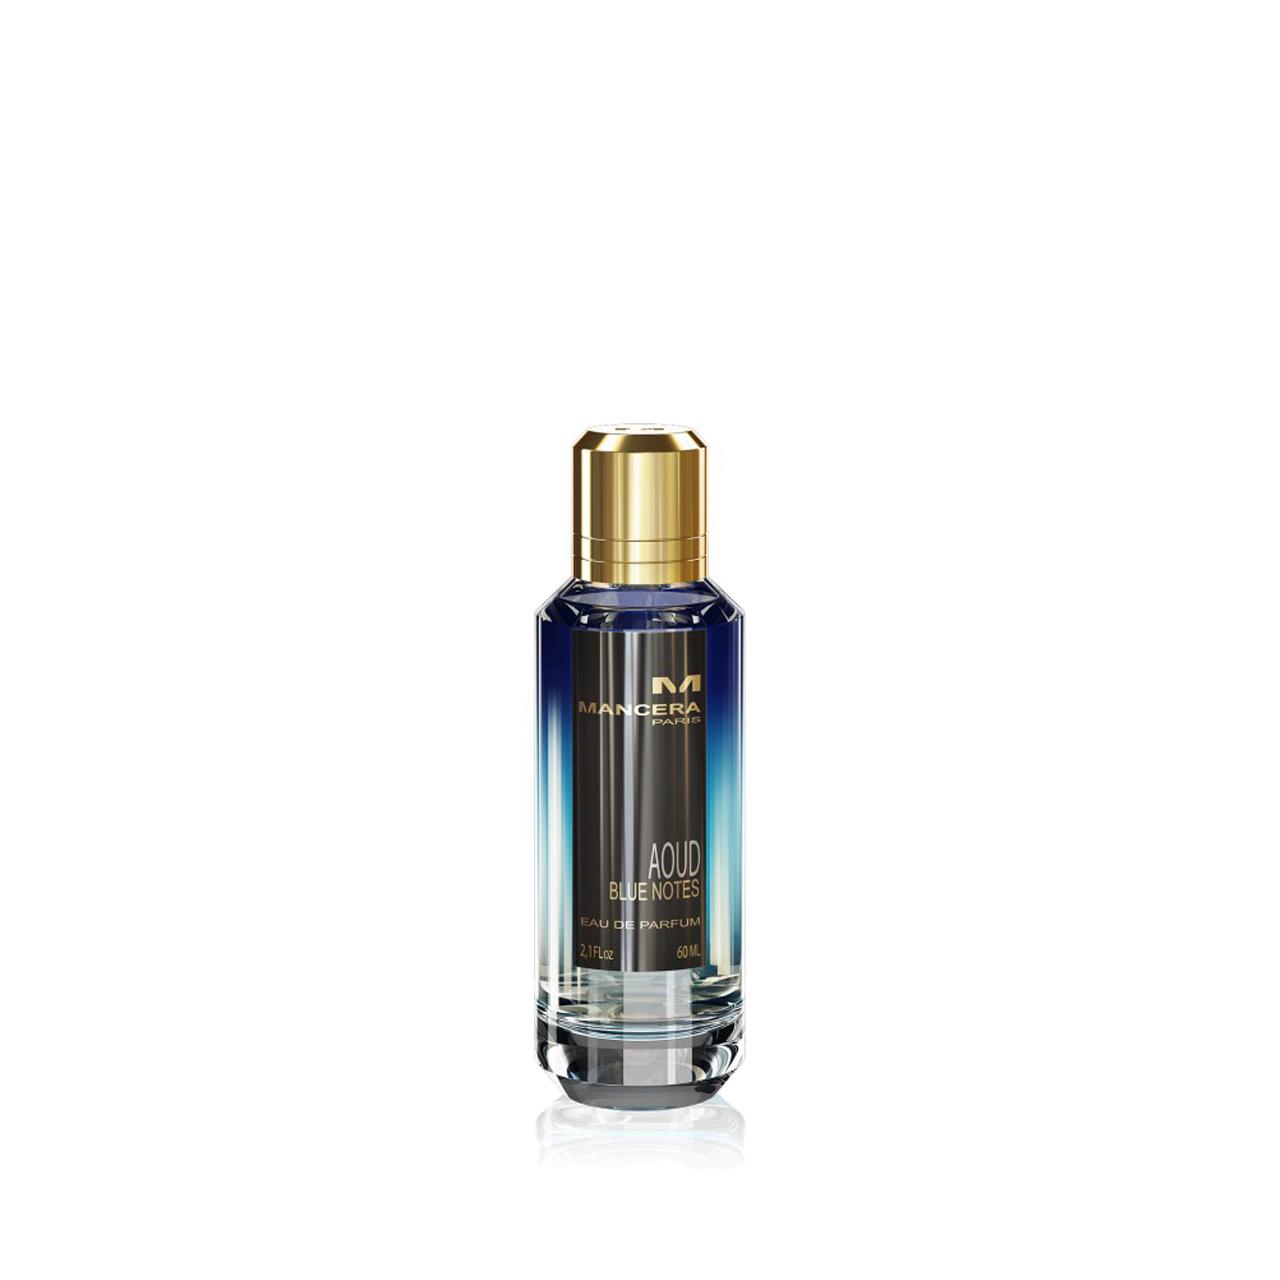 Aoud Blue Notes - Eau de Parfum